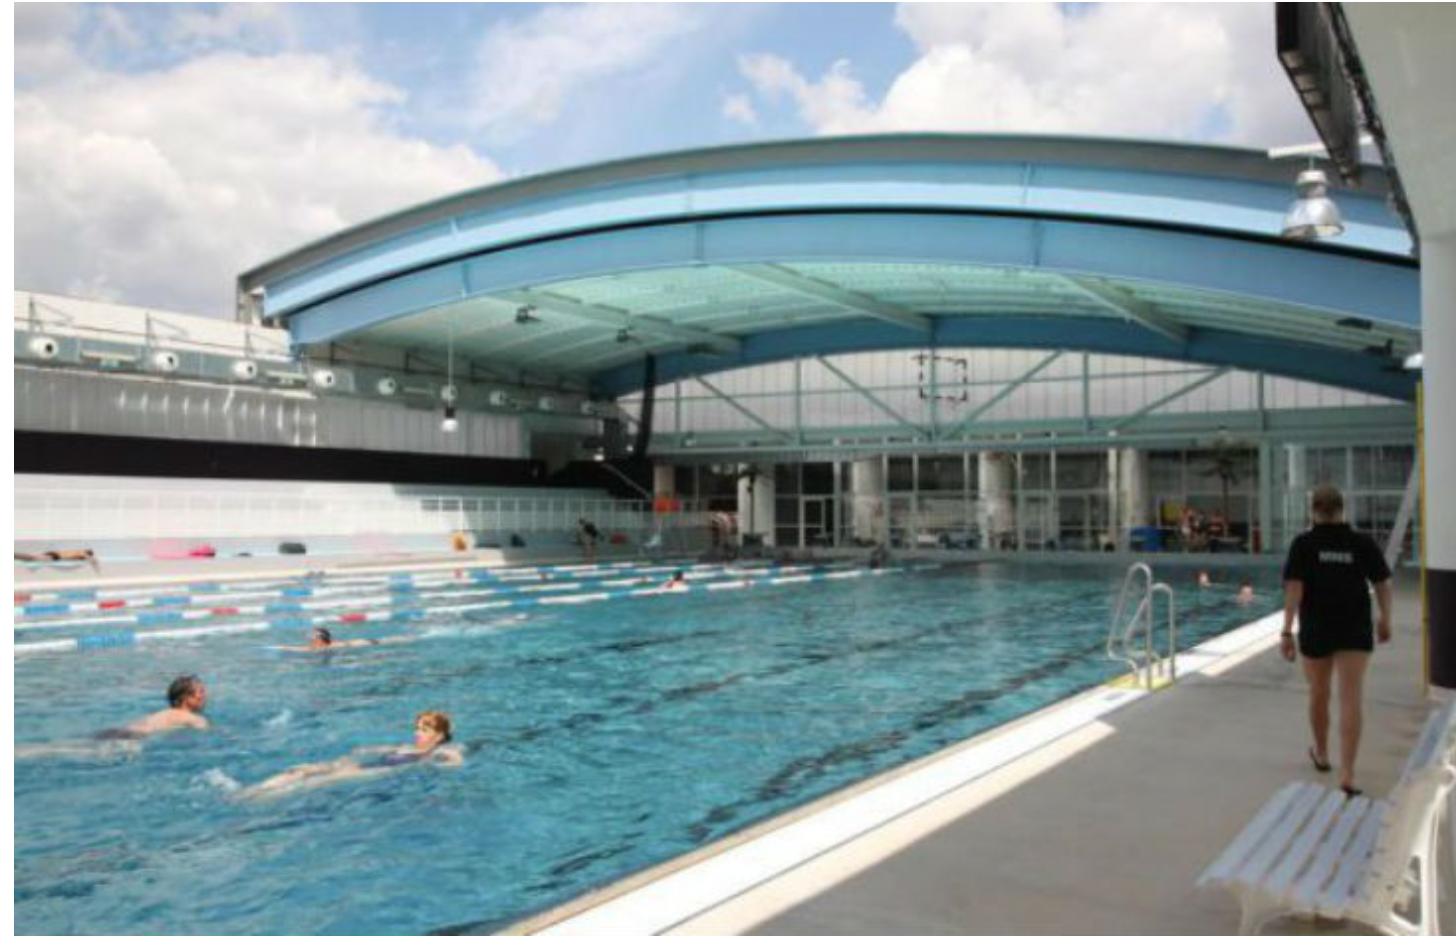 1000 personnes évacuées à Corbeil : j'ai envie de noyer les racailles qui défèquent dans la piscine